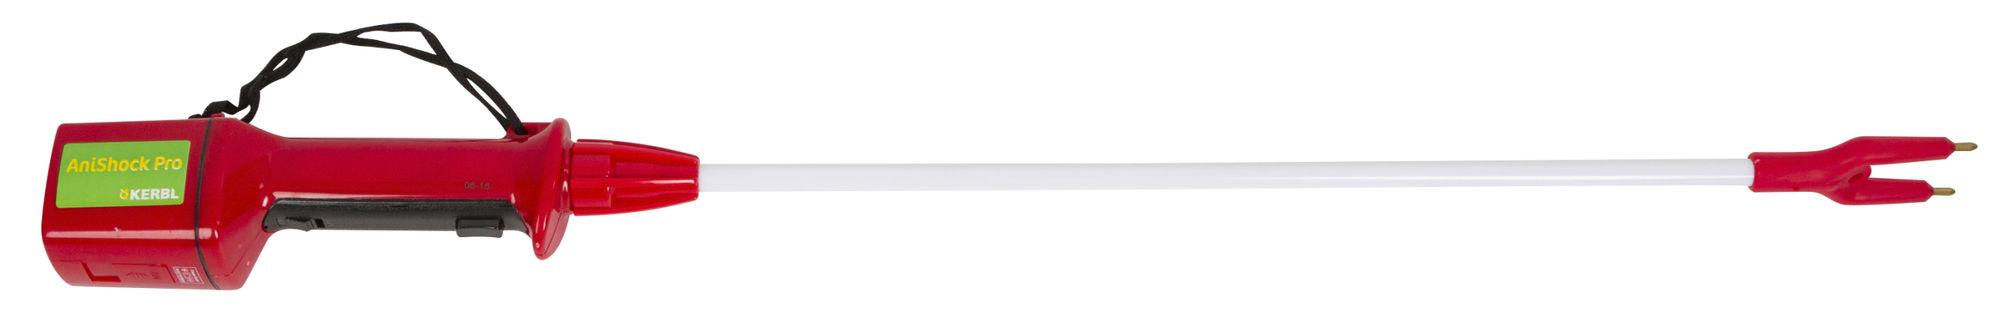 Viehtreiber AniShock Pro rot 2500 Akku, 96cm, inkl Netzteil